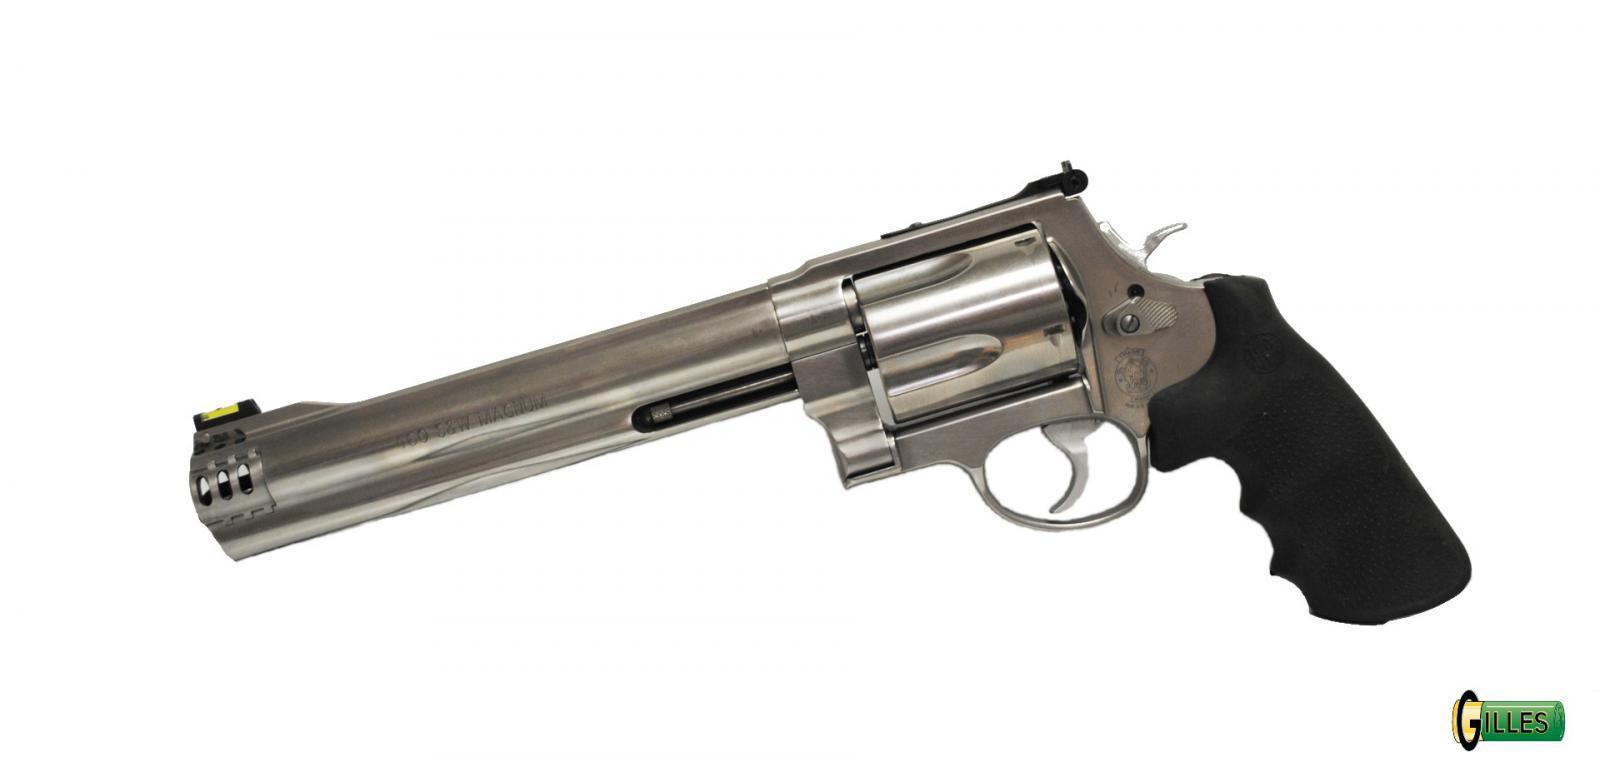 OCCASION Revolver SMITH & WESSON 460XVR cal 460sw PO541